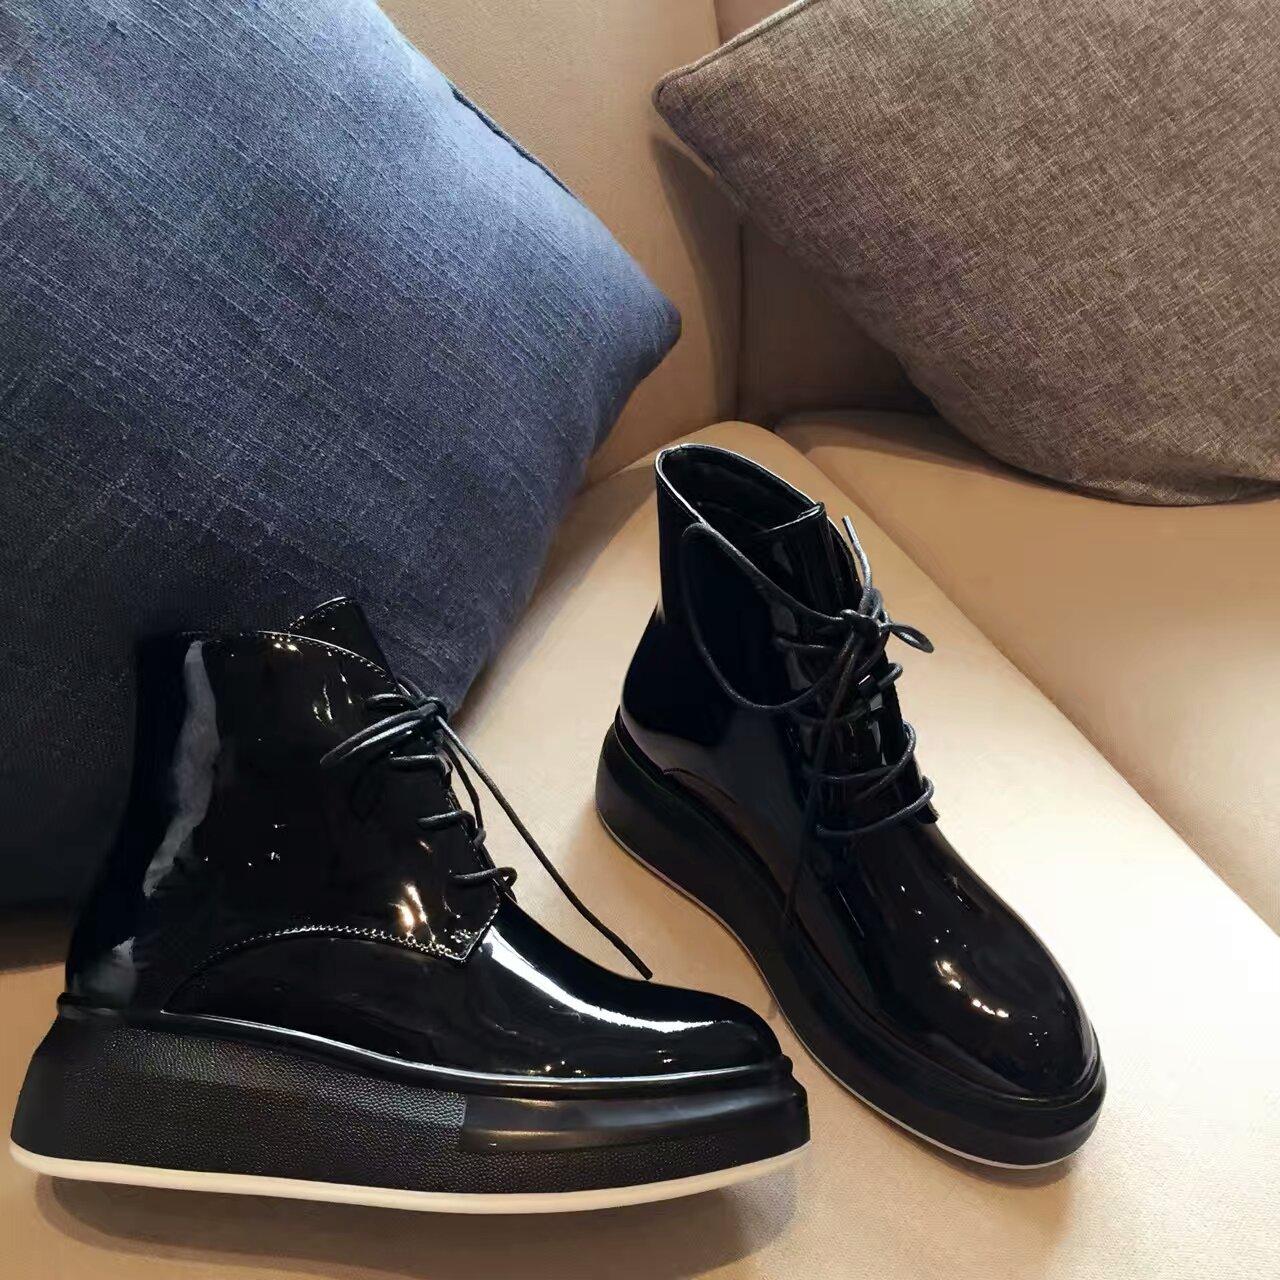 【Mc Queen•麦昆】16秋冬新款!时尚厚底高帮运动短靴!